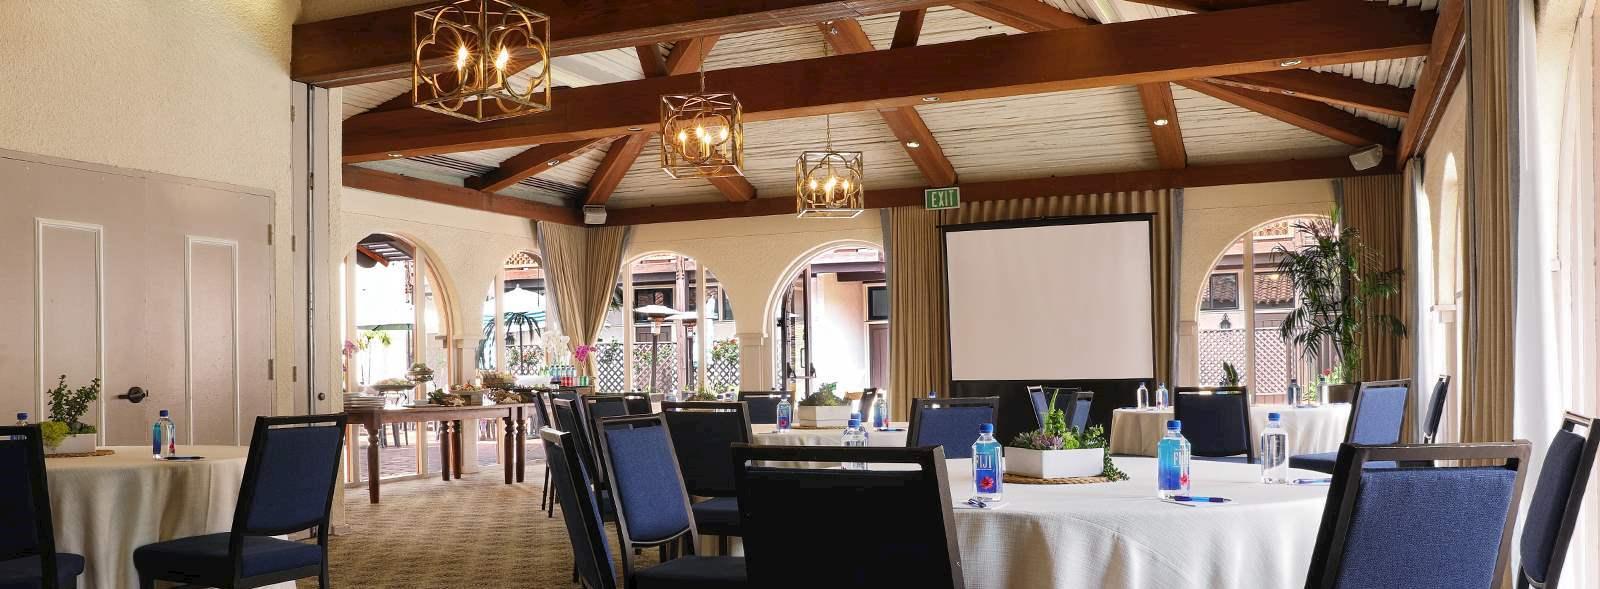 La Jolla Shores Hotel Meeting